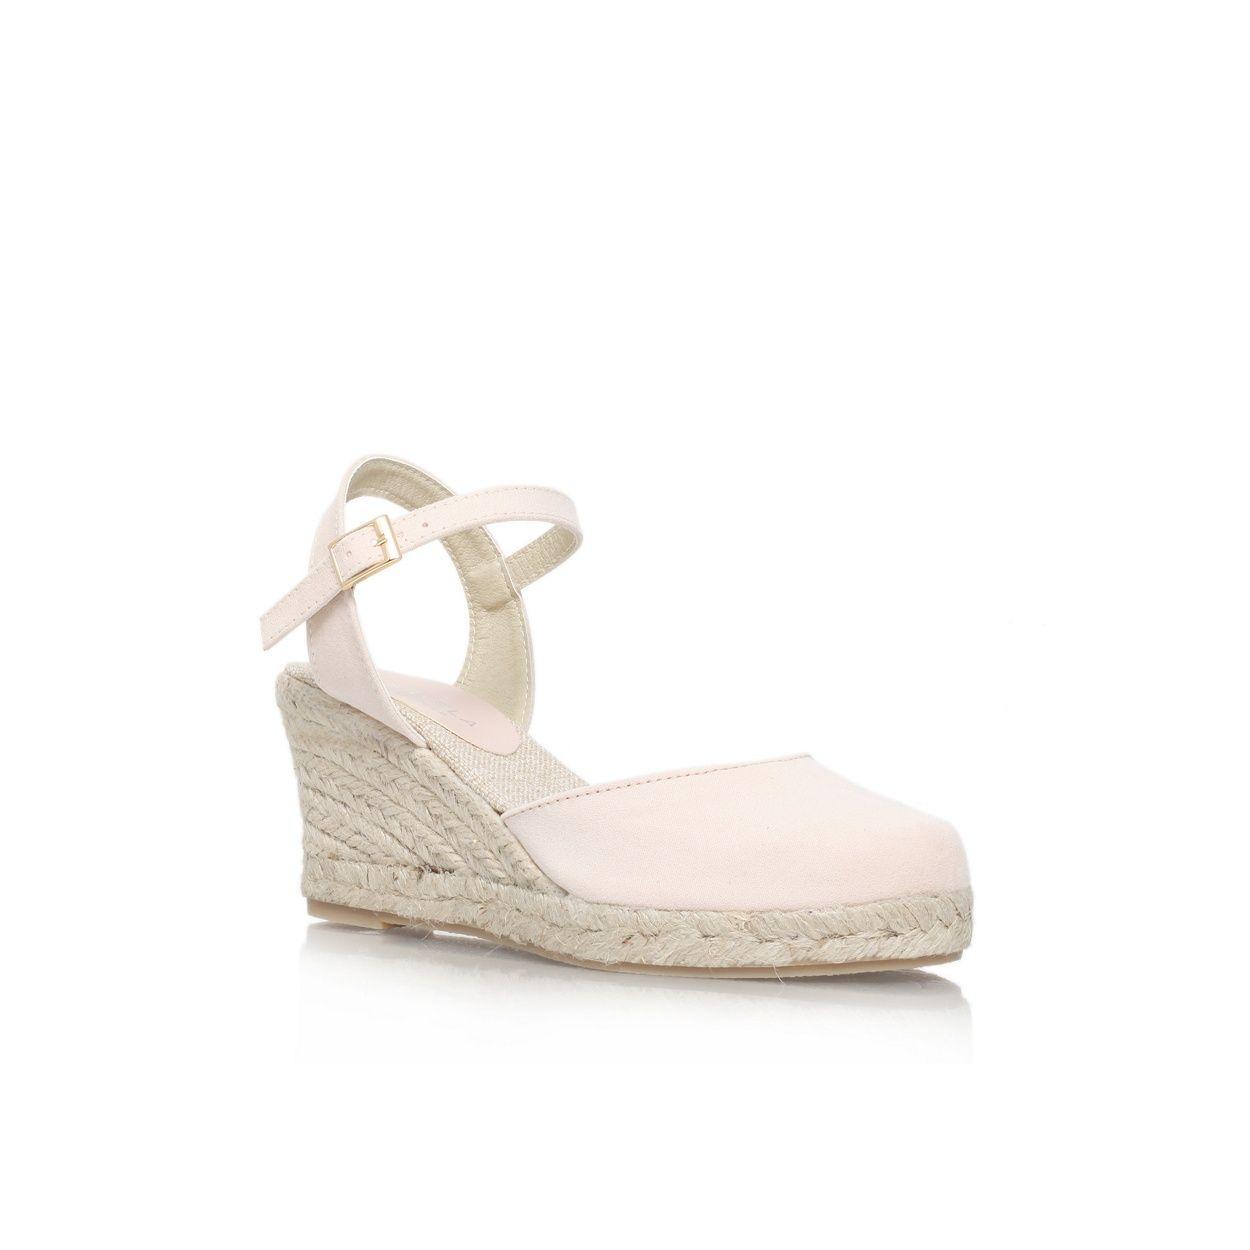 0e8f7e6a9b4 Nude  Sabrina  low wedge heel court shoe.